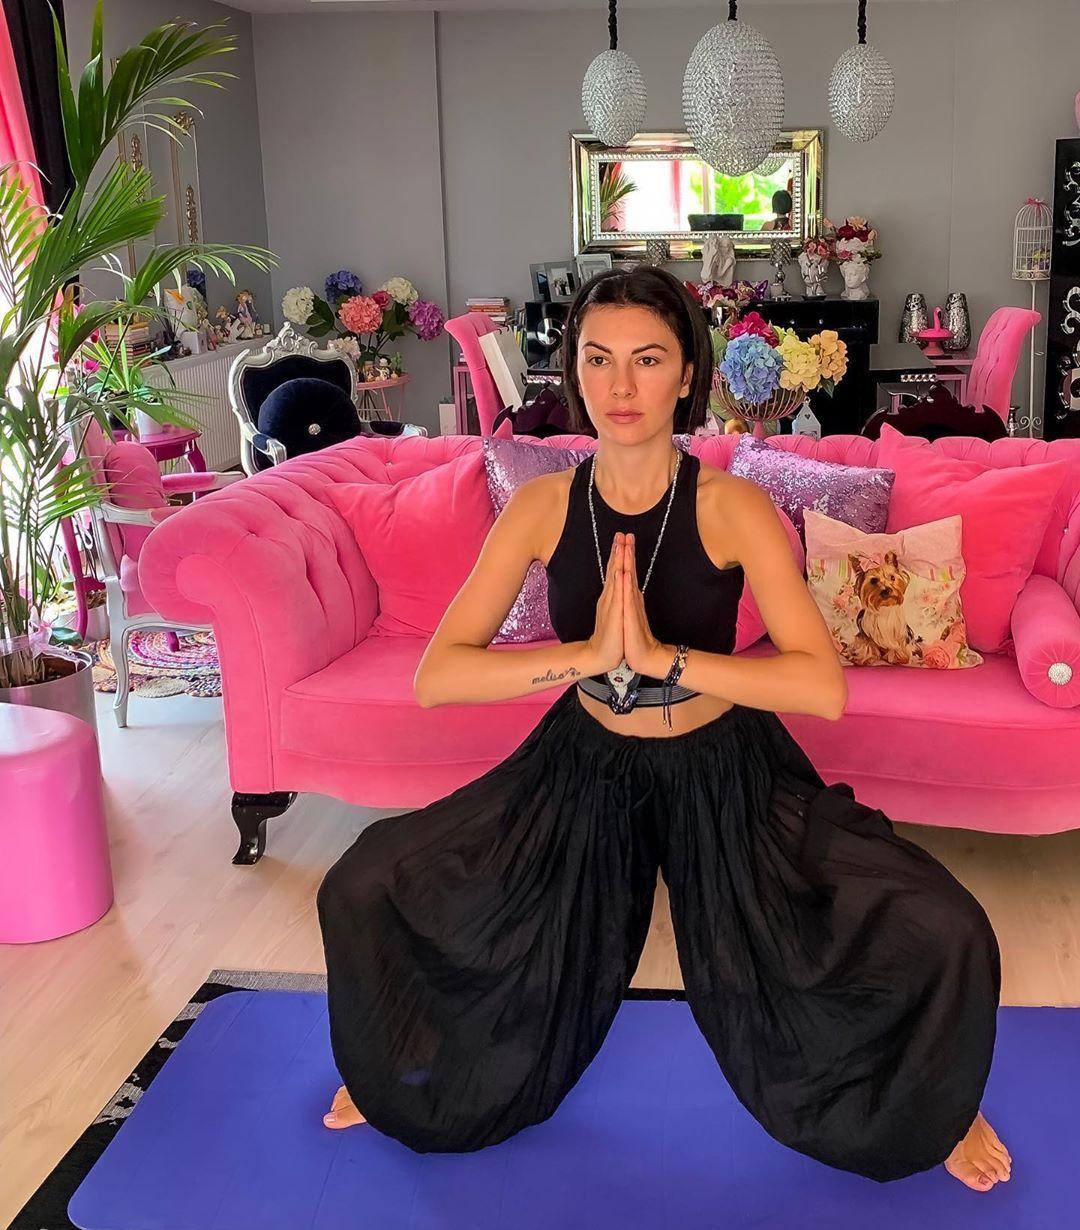 Şüphesiz ki,bu poz da gerçekten Tanriça gibi hissediyosunuz...👸🏻🤩🥰😜✨💫 @m.e.l.i.s.u.n_yoga . . . Utka...